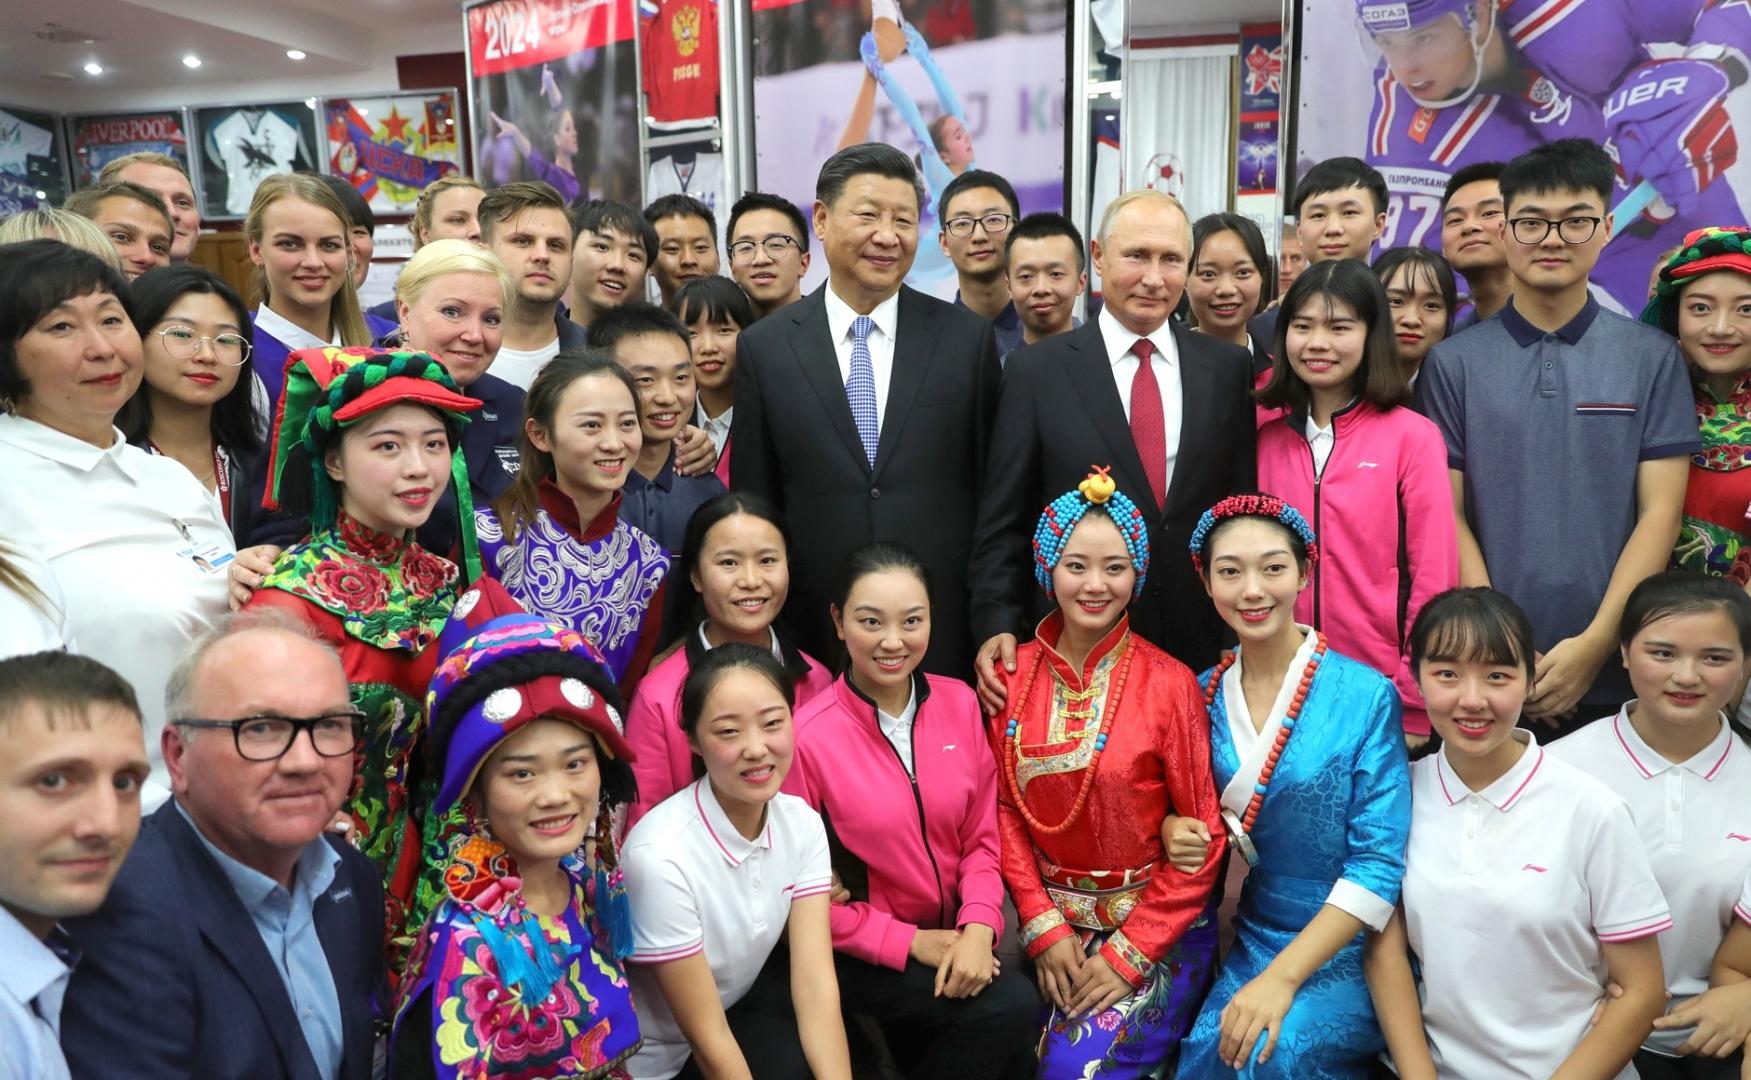 Владимир Путин и Си Цзиньпин во время посещения Всероссийского детского центра «Океан». 12 сентября 2018 года, Владивосток